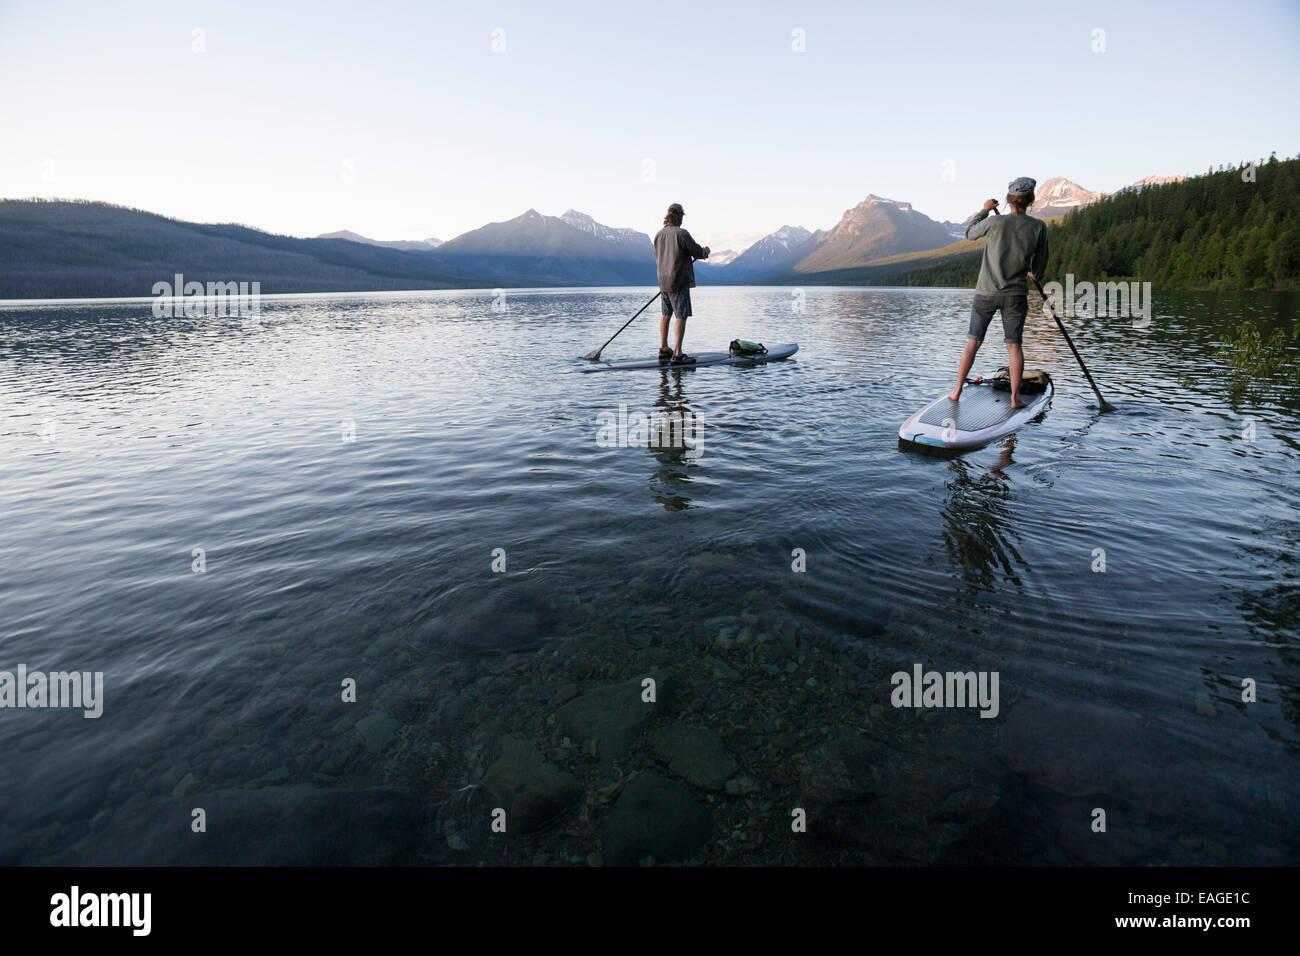 Un uomo e una donna stand up paddle boards (SUP) sul Lago McDonald nel Glacier National Park. Immagini Stock